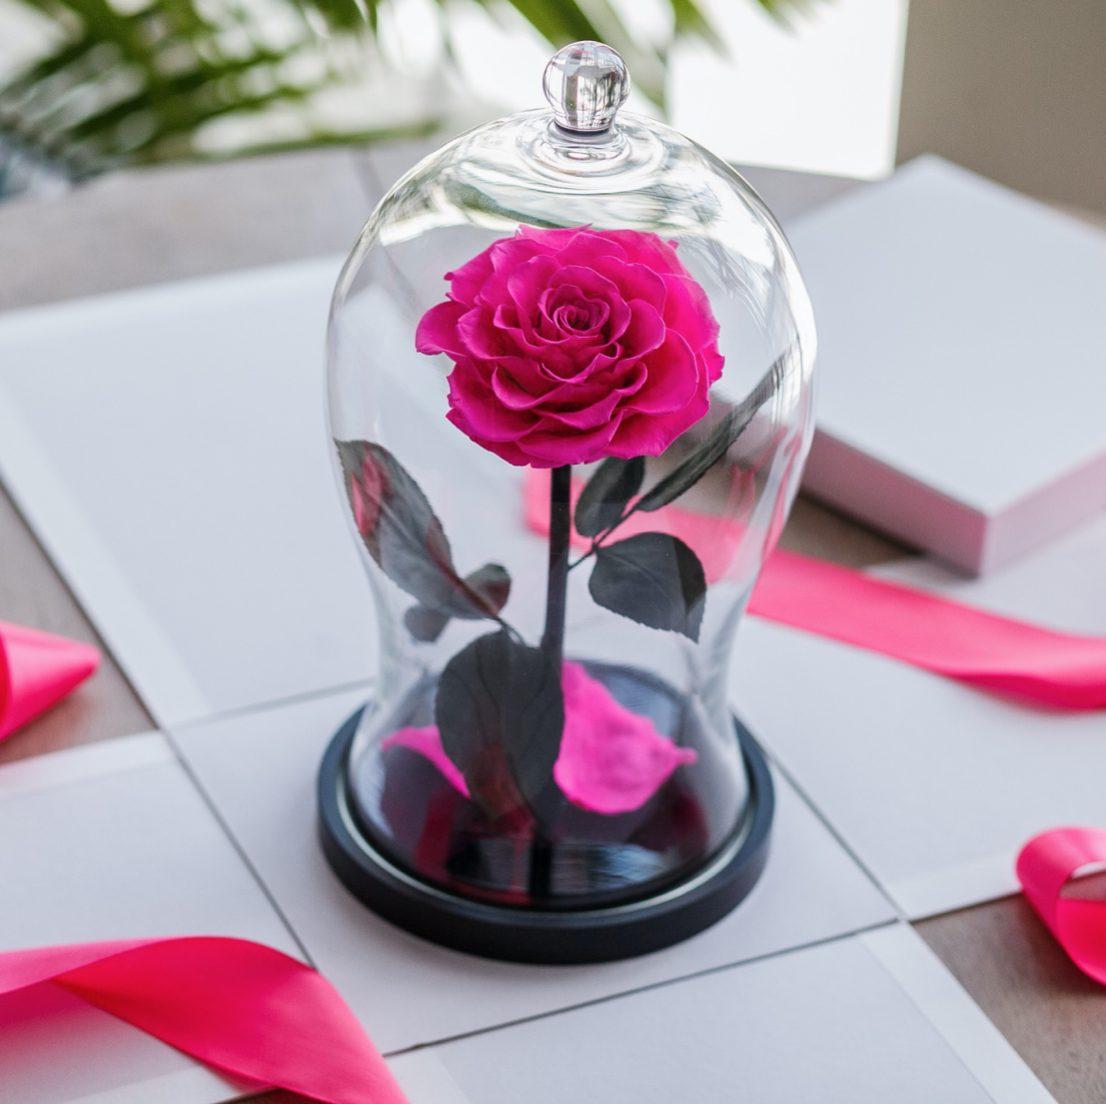 Роза в колбе как подарок для девушки